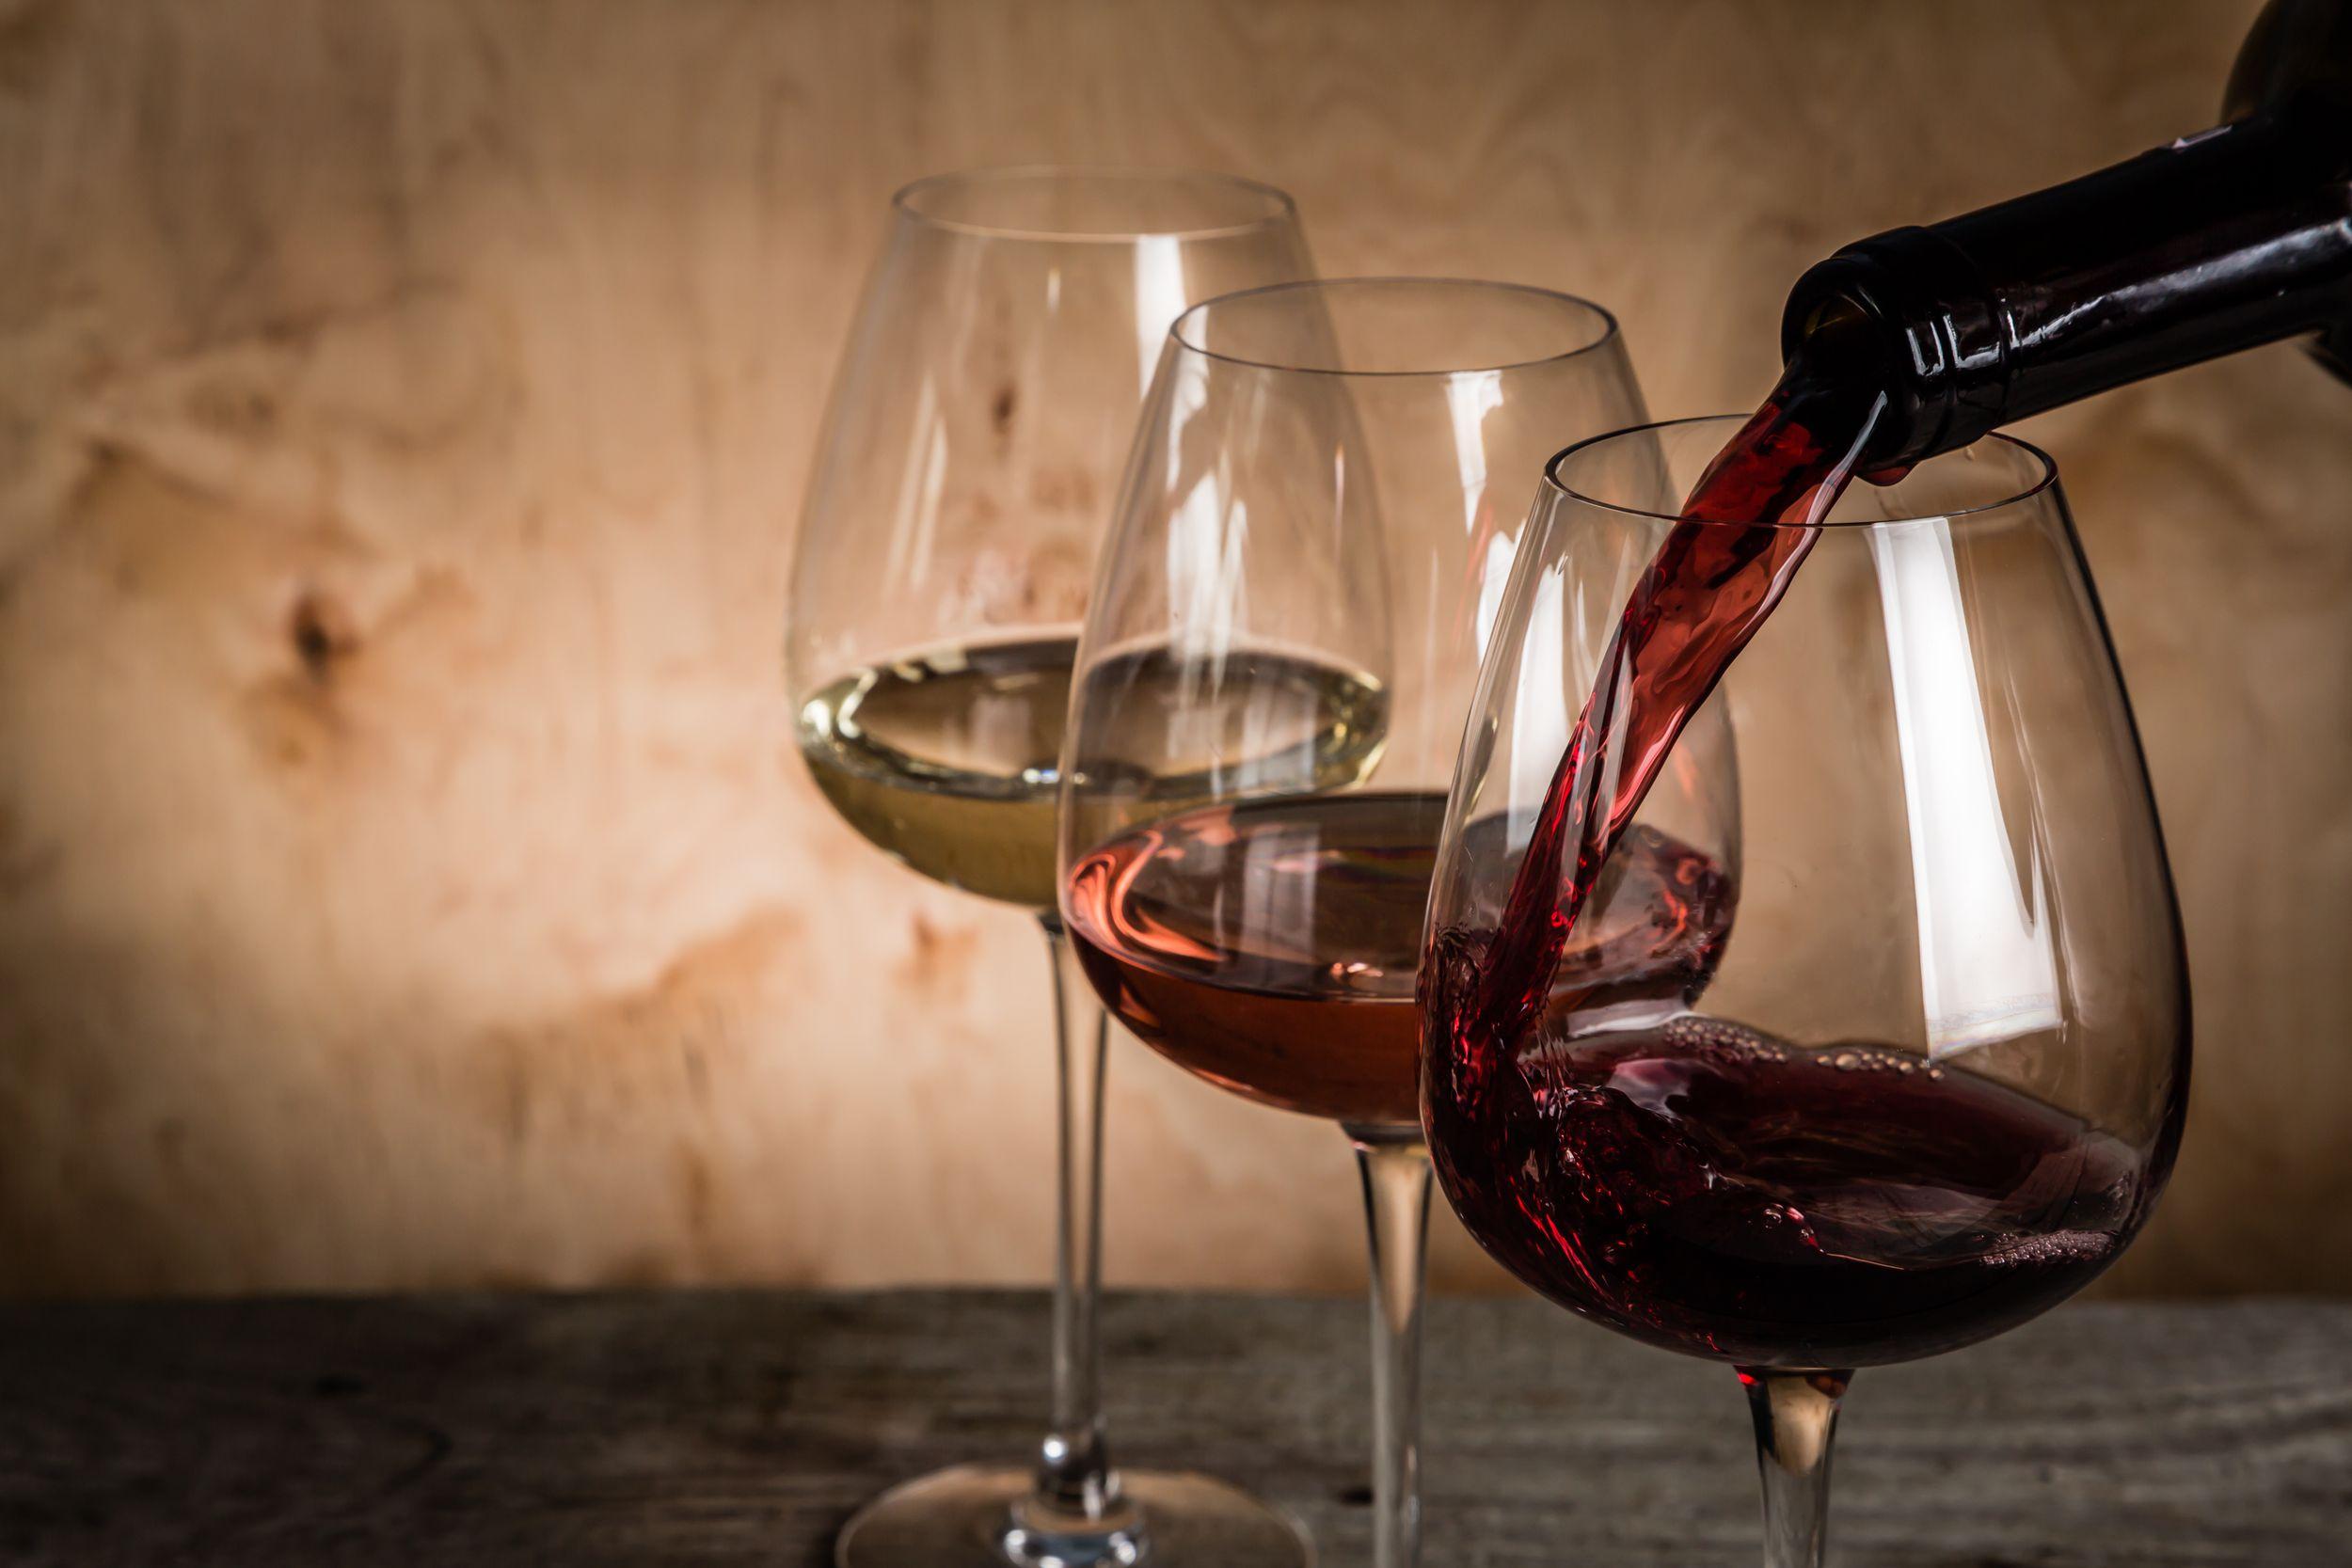 dolce vin novo, evento in ciociaria